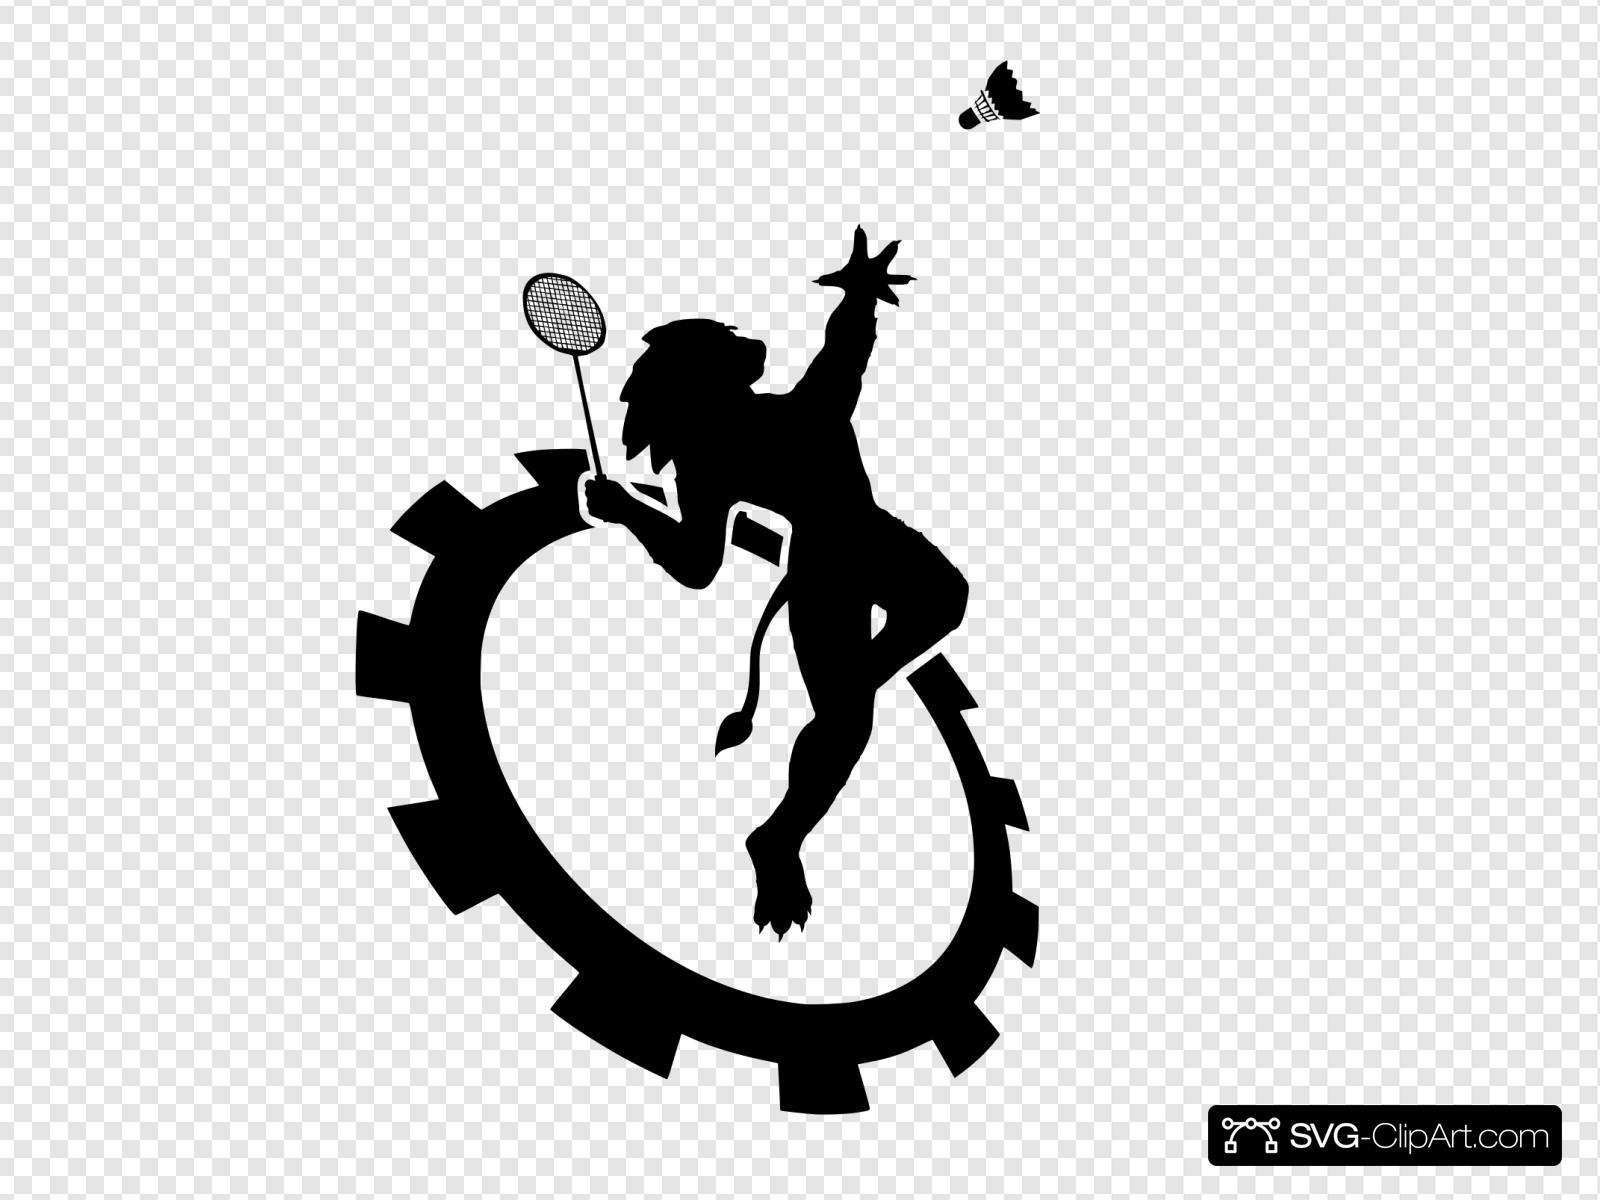 Logo Club Badminton Ecole Centrale De Lyon Clip art, Icon.